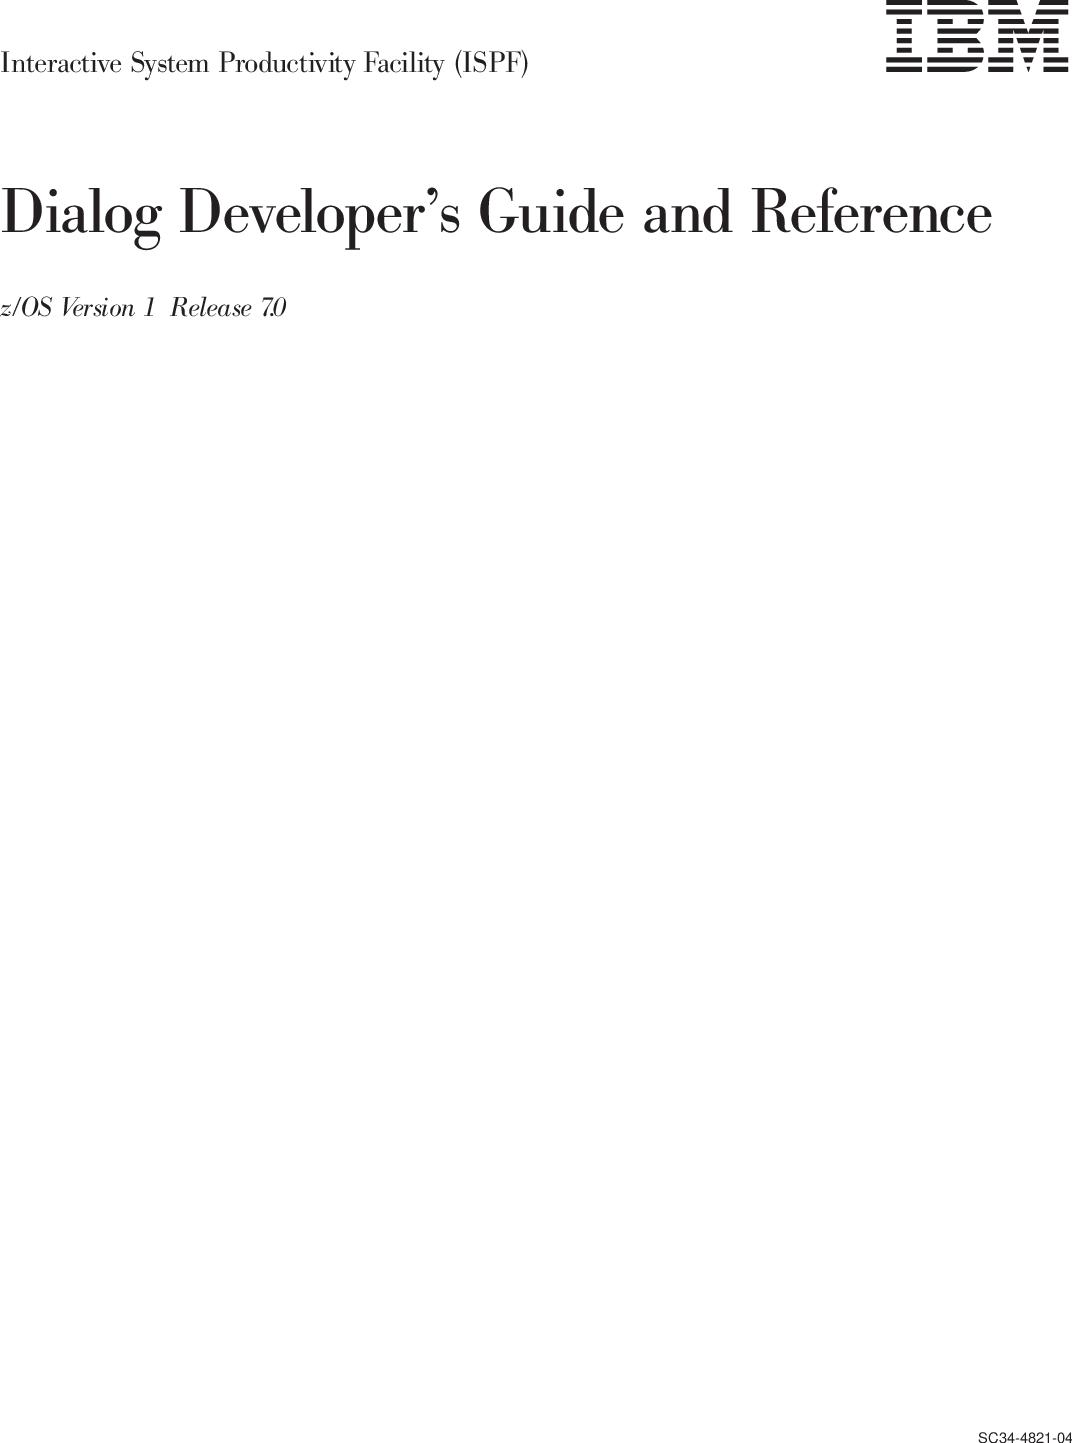 Z/OS V1R7 0 ISPF Dialog Developer's Guide Developer